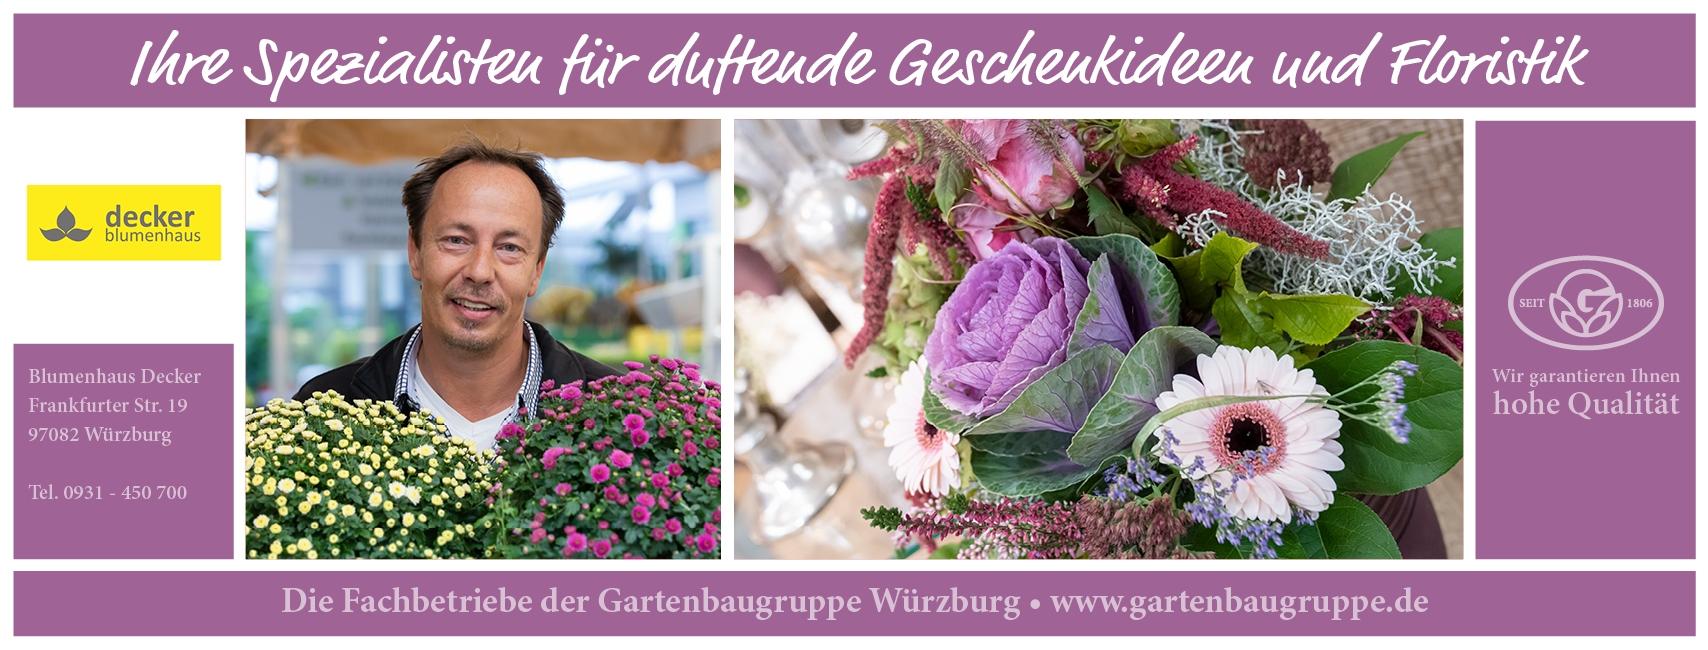 Blumenhaus Decker - Gartenbaugruppe Würzburg